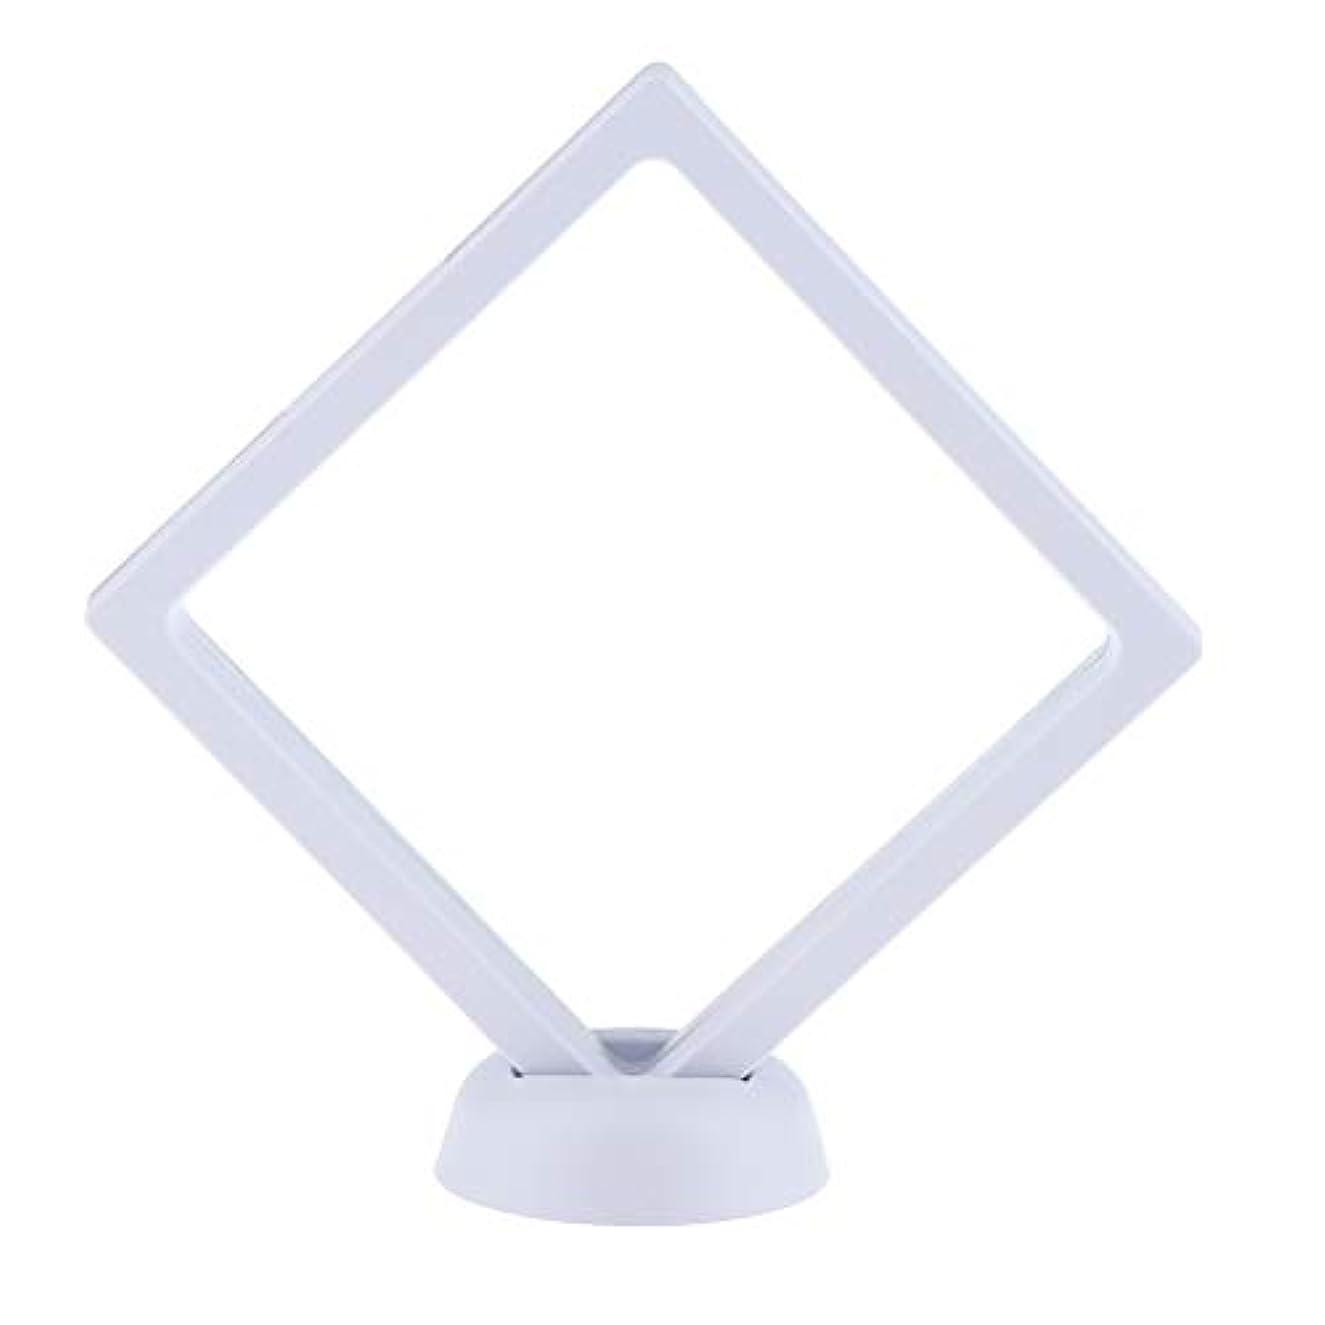 老人推測対象Sharplace ネイルアート 展示用 ボード ネイルサロンディスプレイ 2色選べ - 白